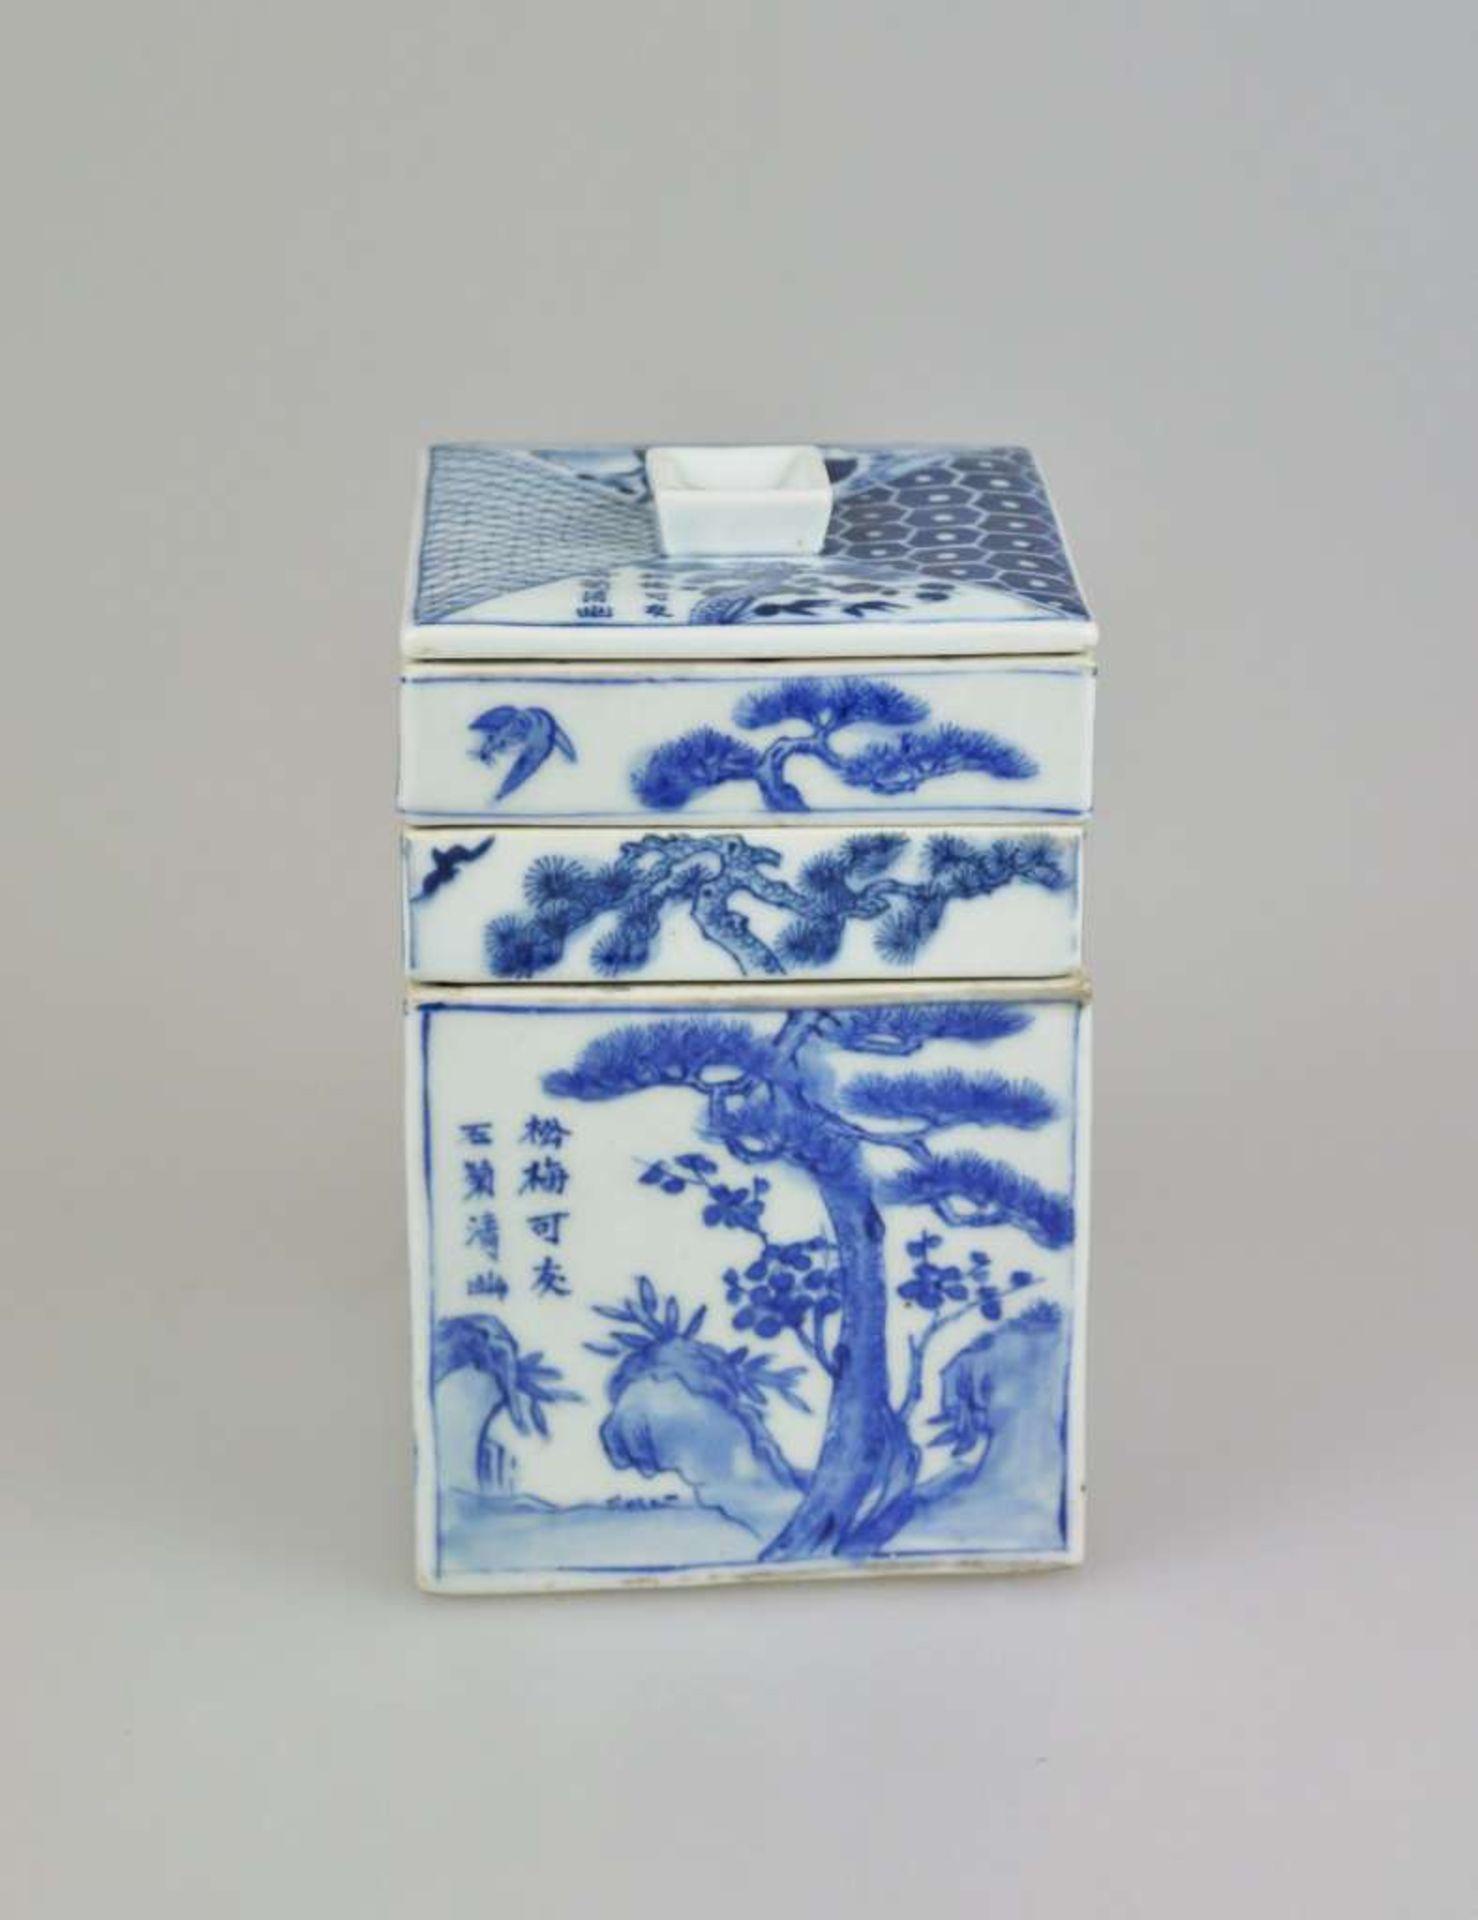 Ein blau-weiß quadratischer Schreibwarenbehälter mit Abdeckung, bestehend aus vier Teilen, ei